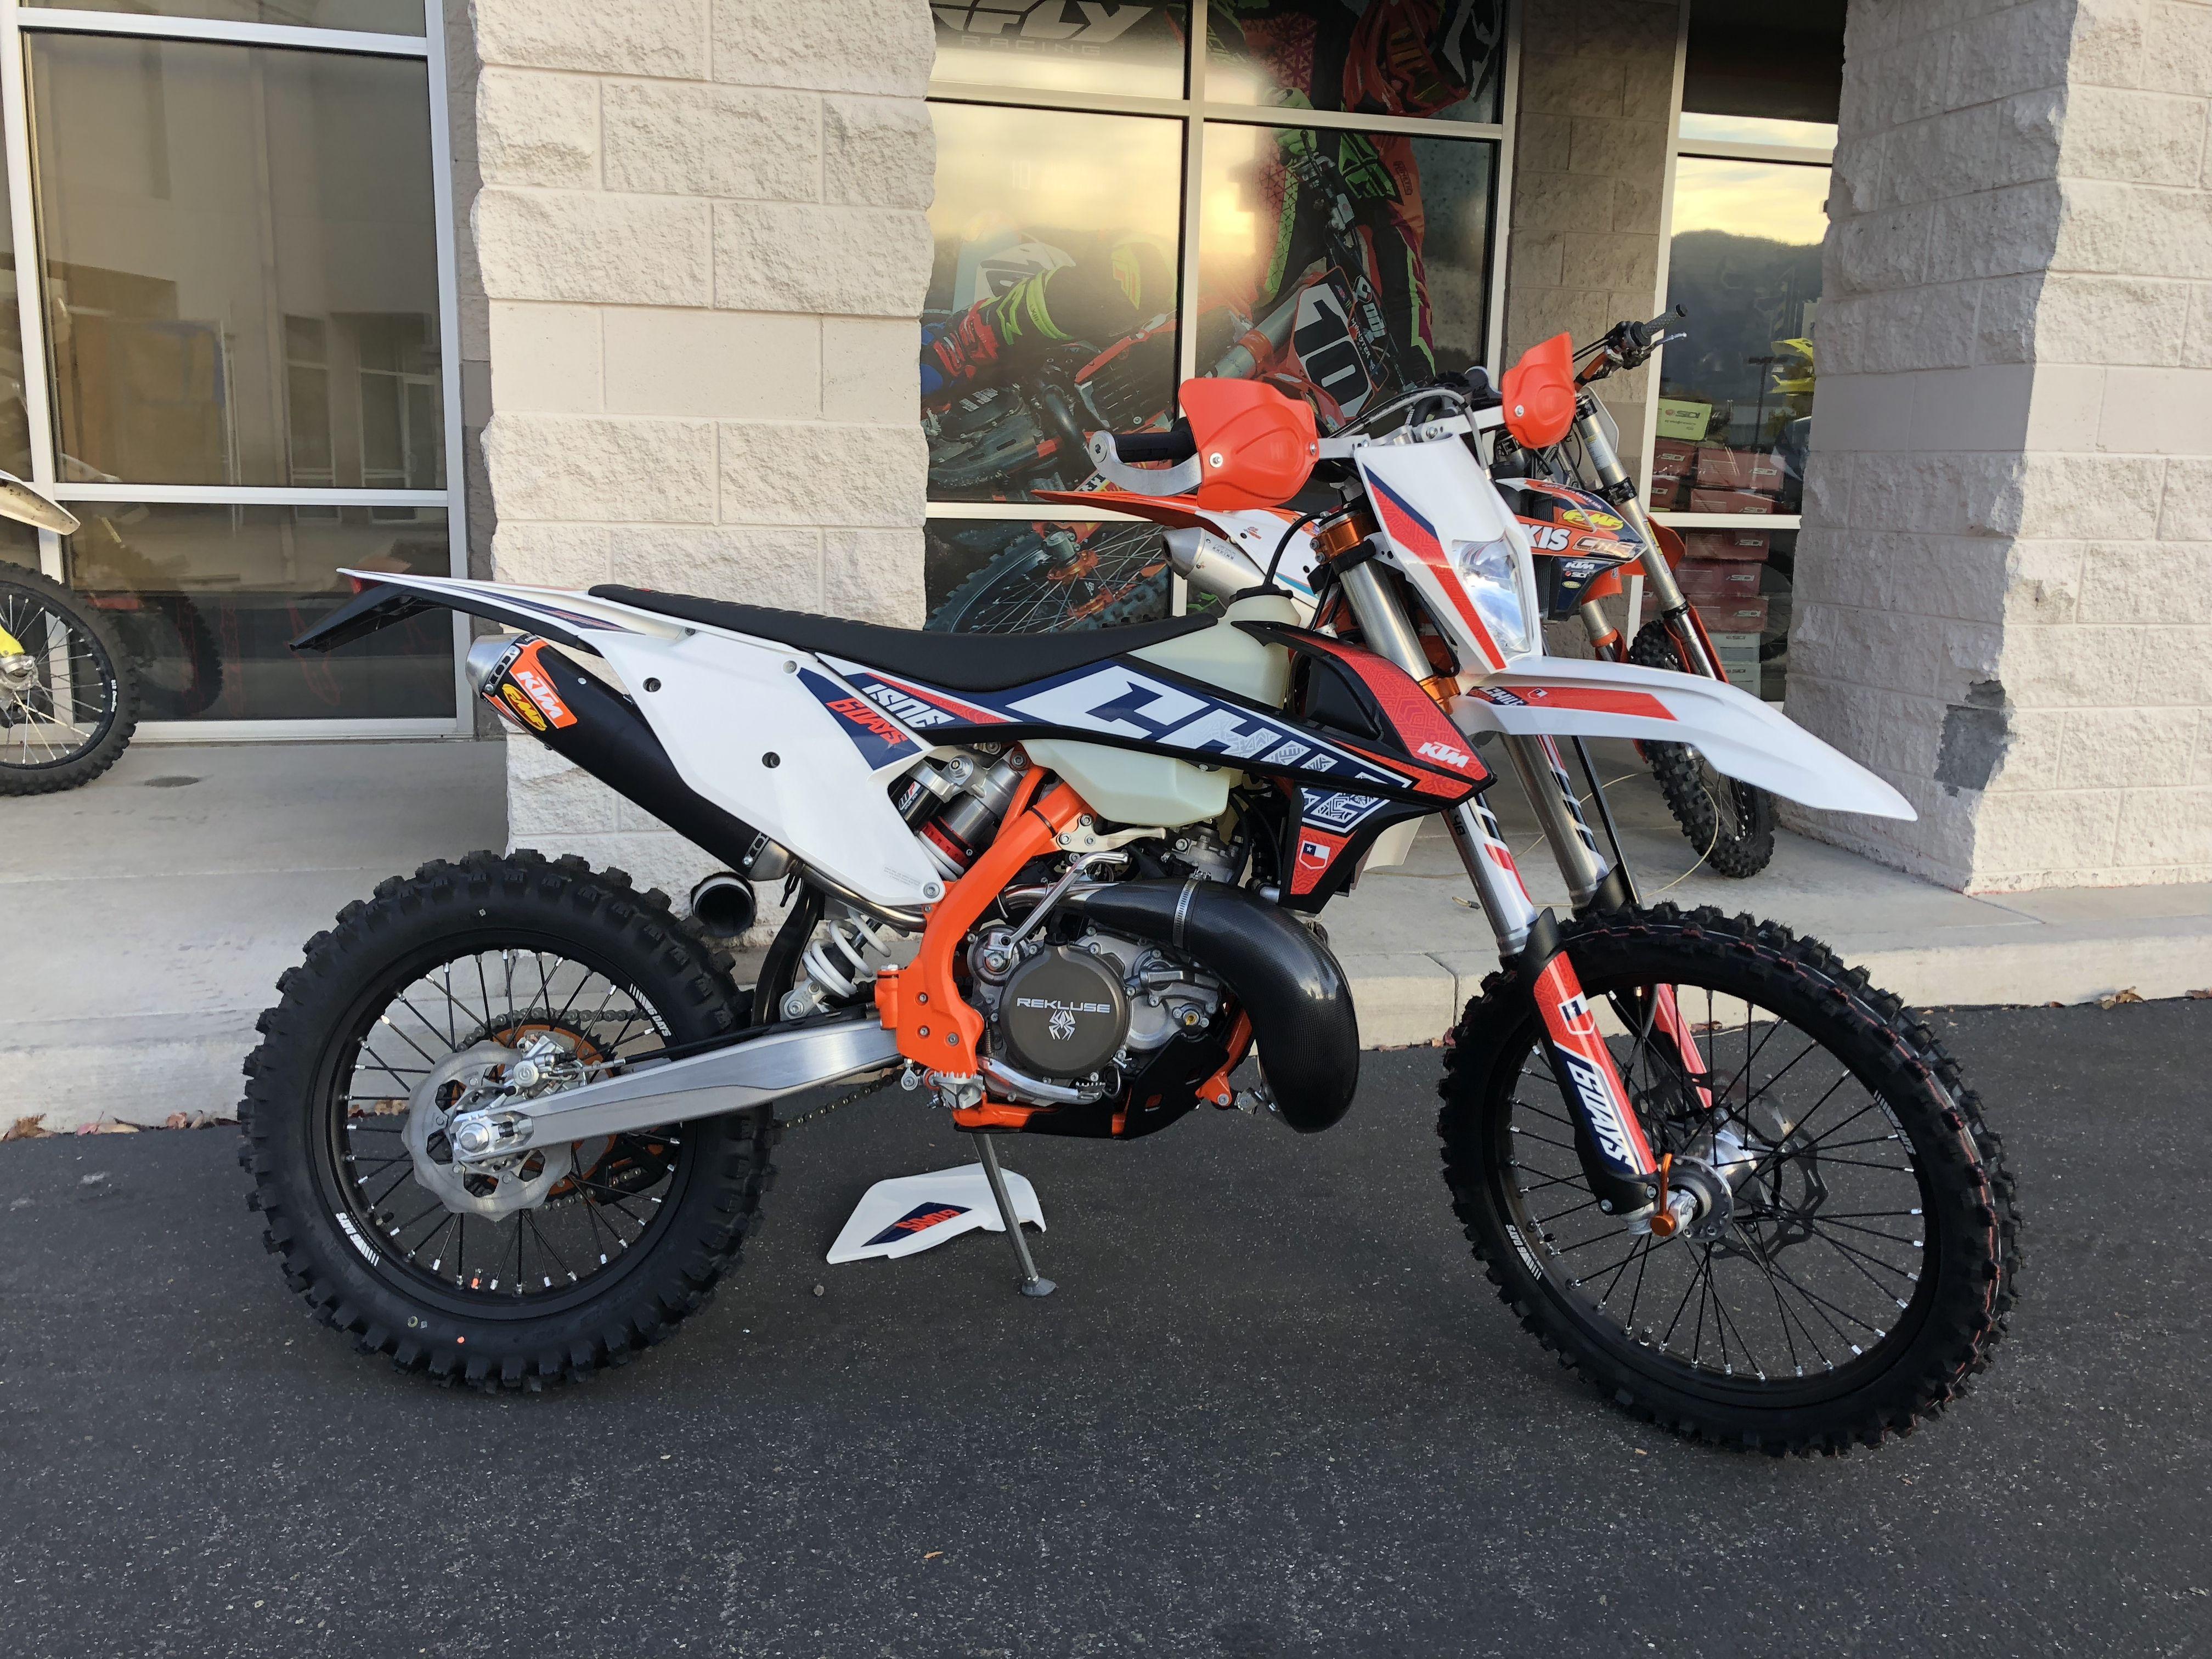 2019 Ktm 300 Xc W Tpi Six Days Ktm Motocross Ktm Ktm 300